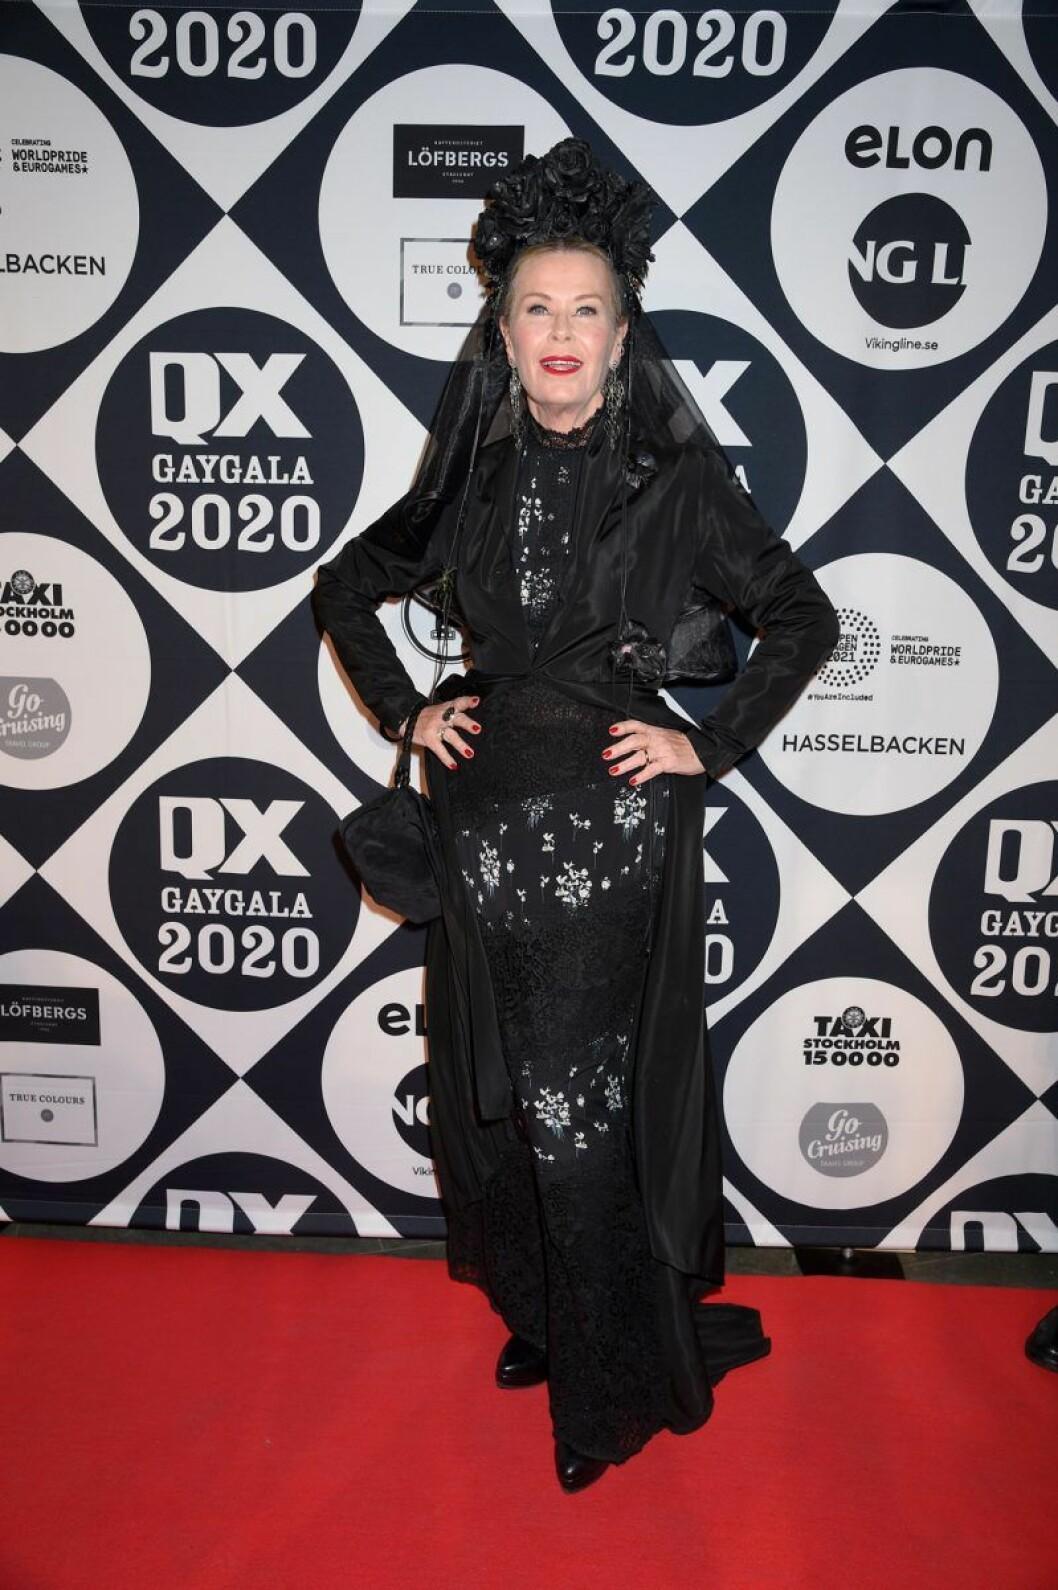 Efva Attling på röda mattan på QX-galan 2020